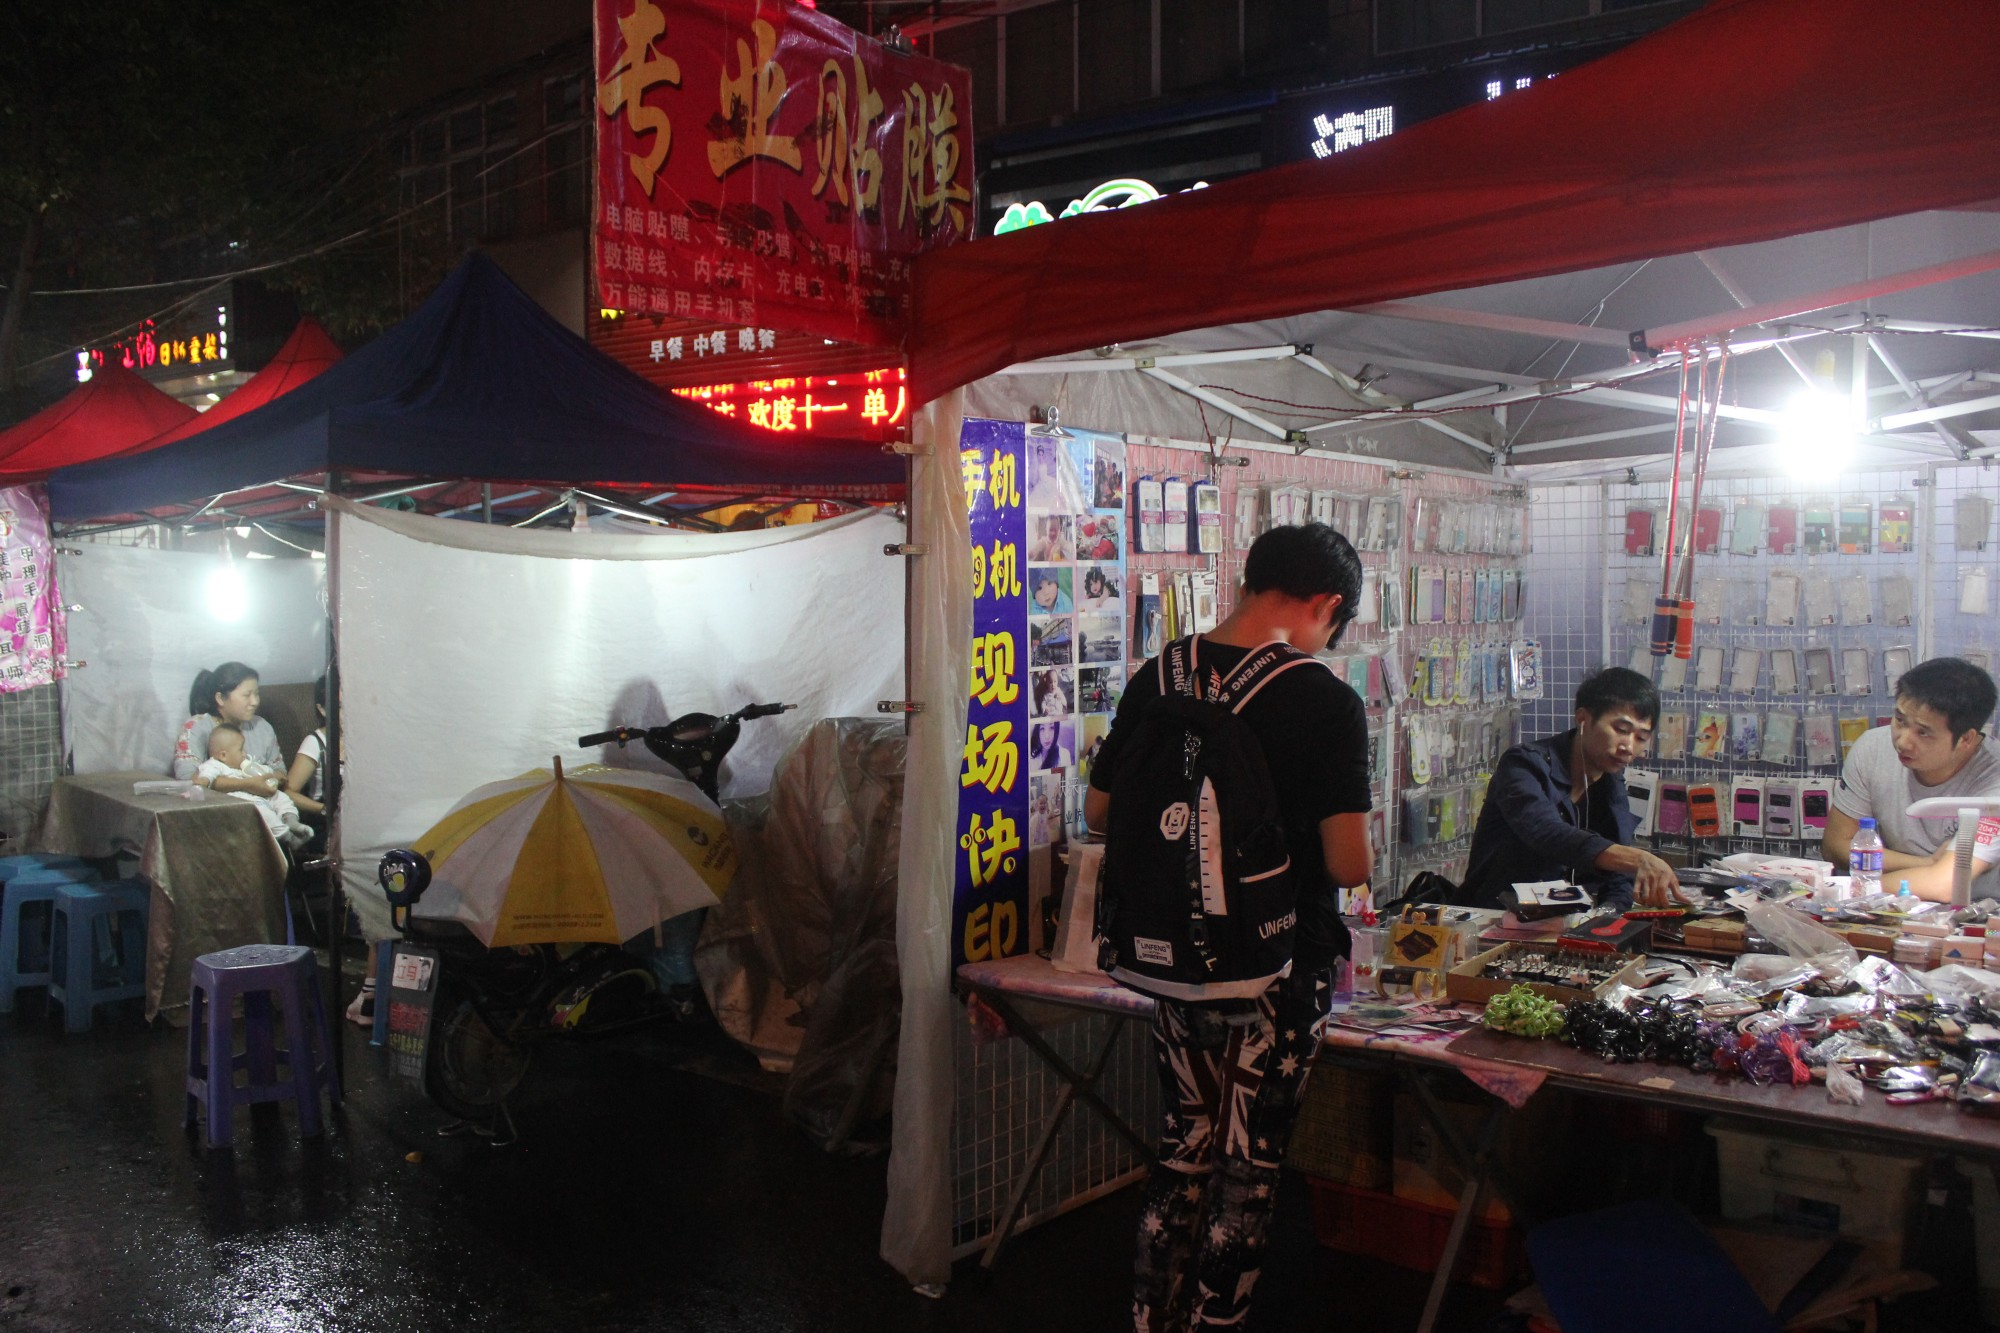 A night market in Jiangxi, China